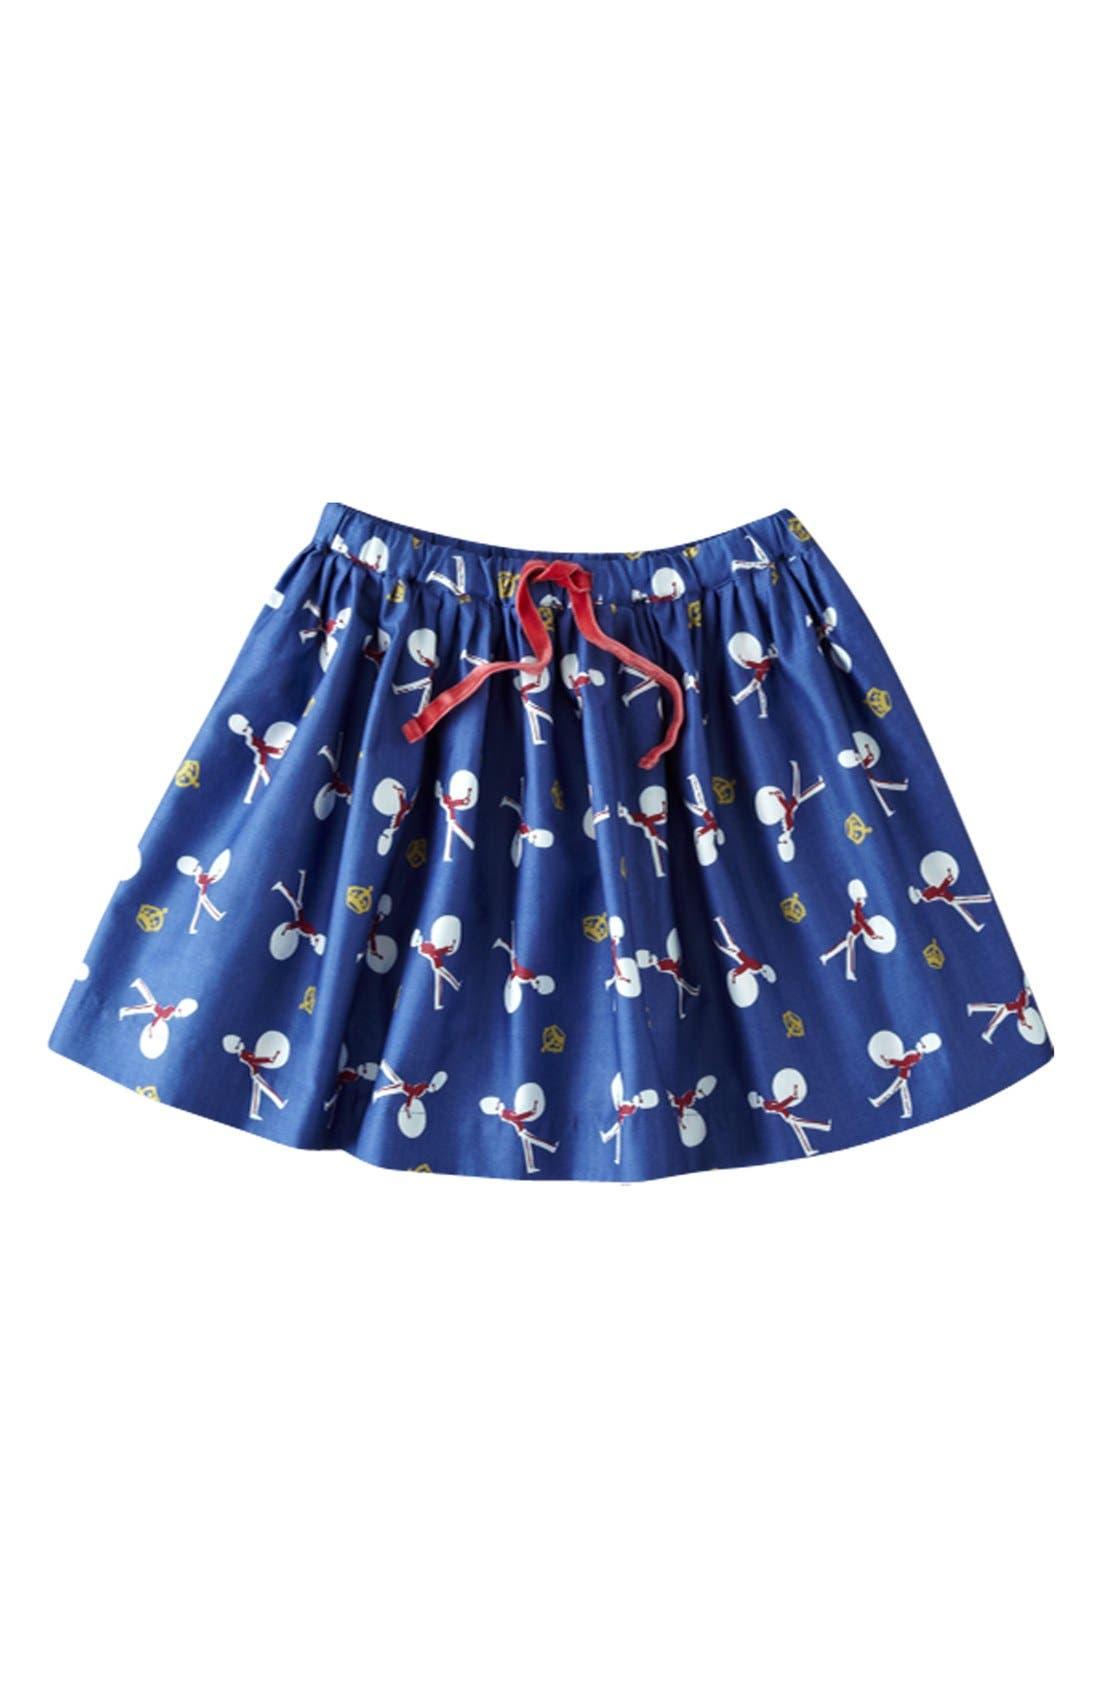 Alternate Image 1 Selected - Mini Boden 'Heritage' Full Skirt (Little Girls & Big Girls)